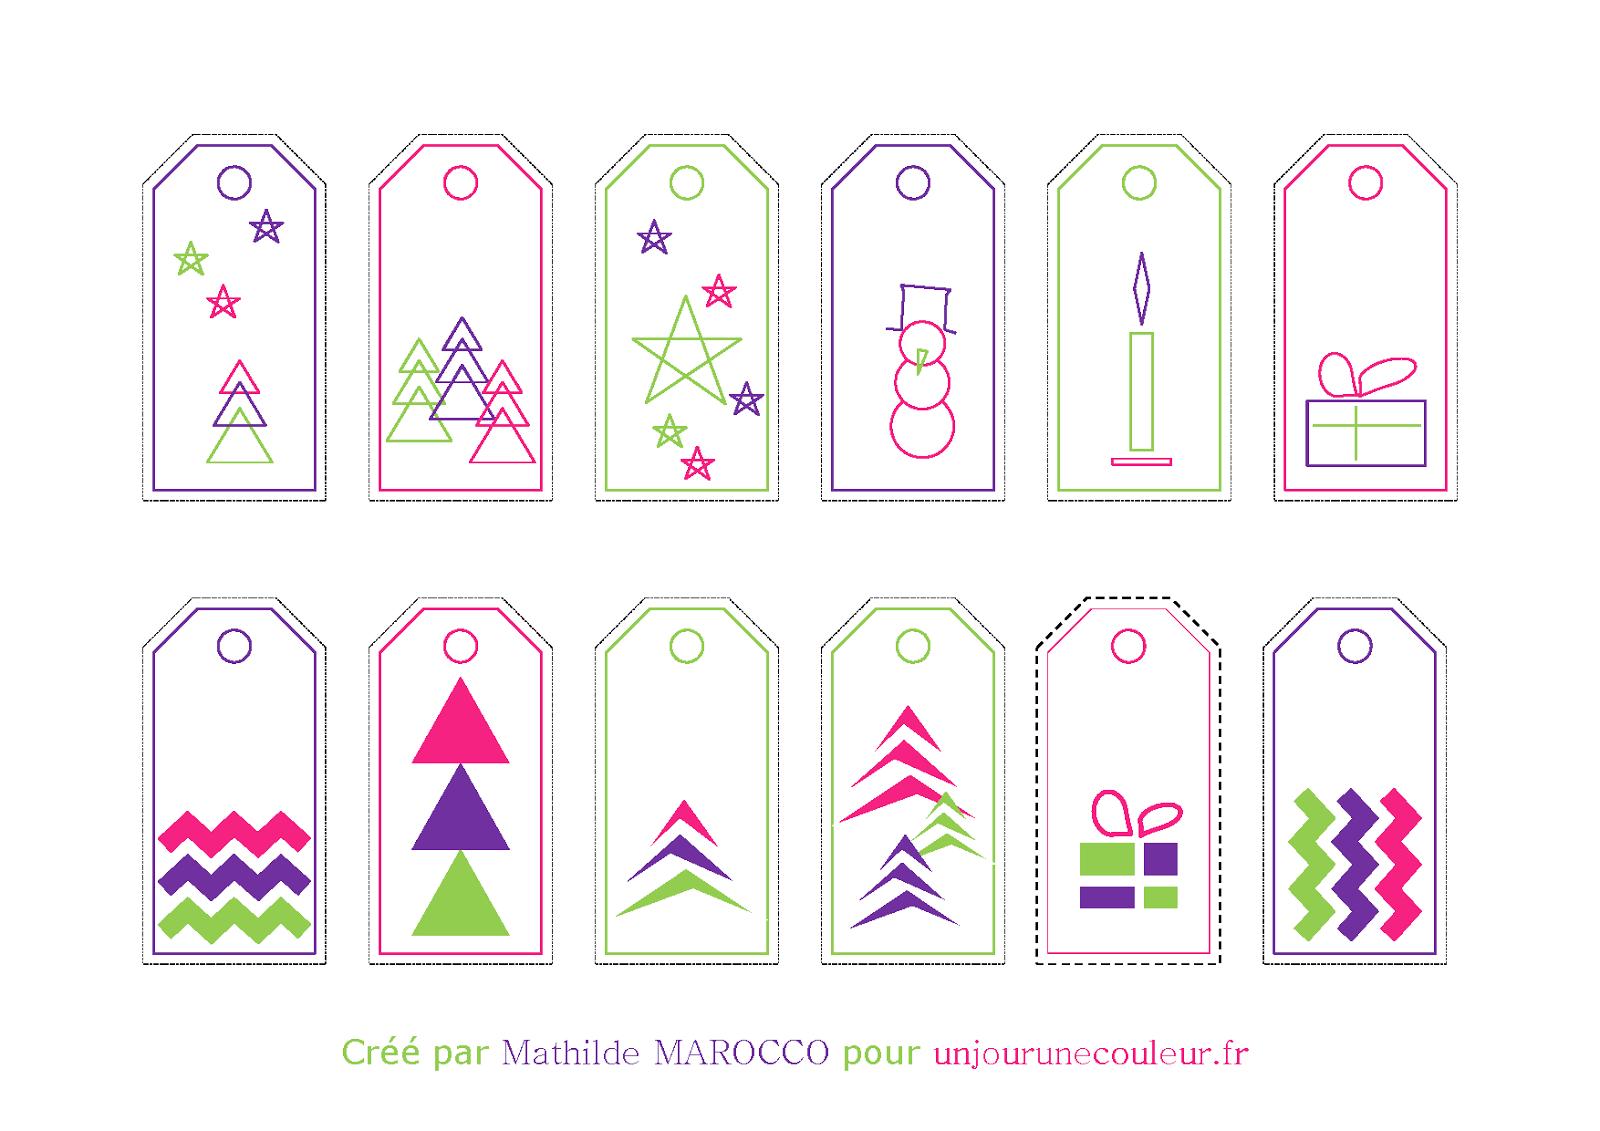 Petit Cadeau En Attendant Noël : Des Étiquettes Cadeaux concernant Etiquette Noel À Imprimer